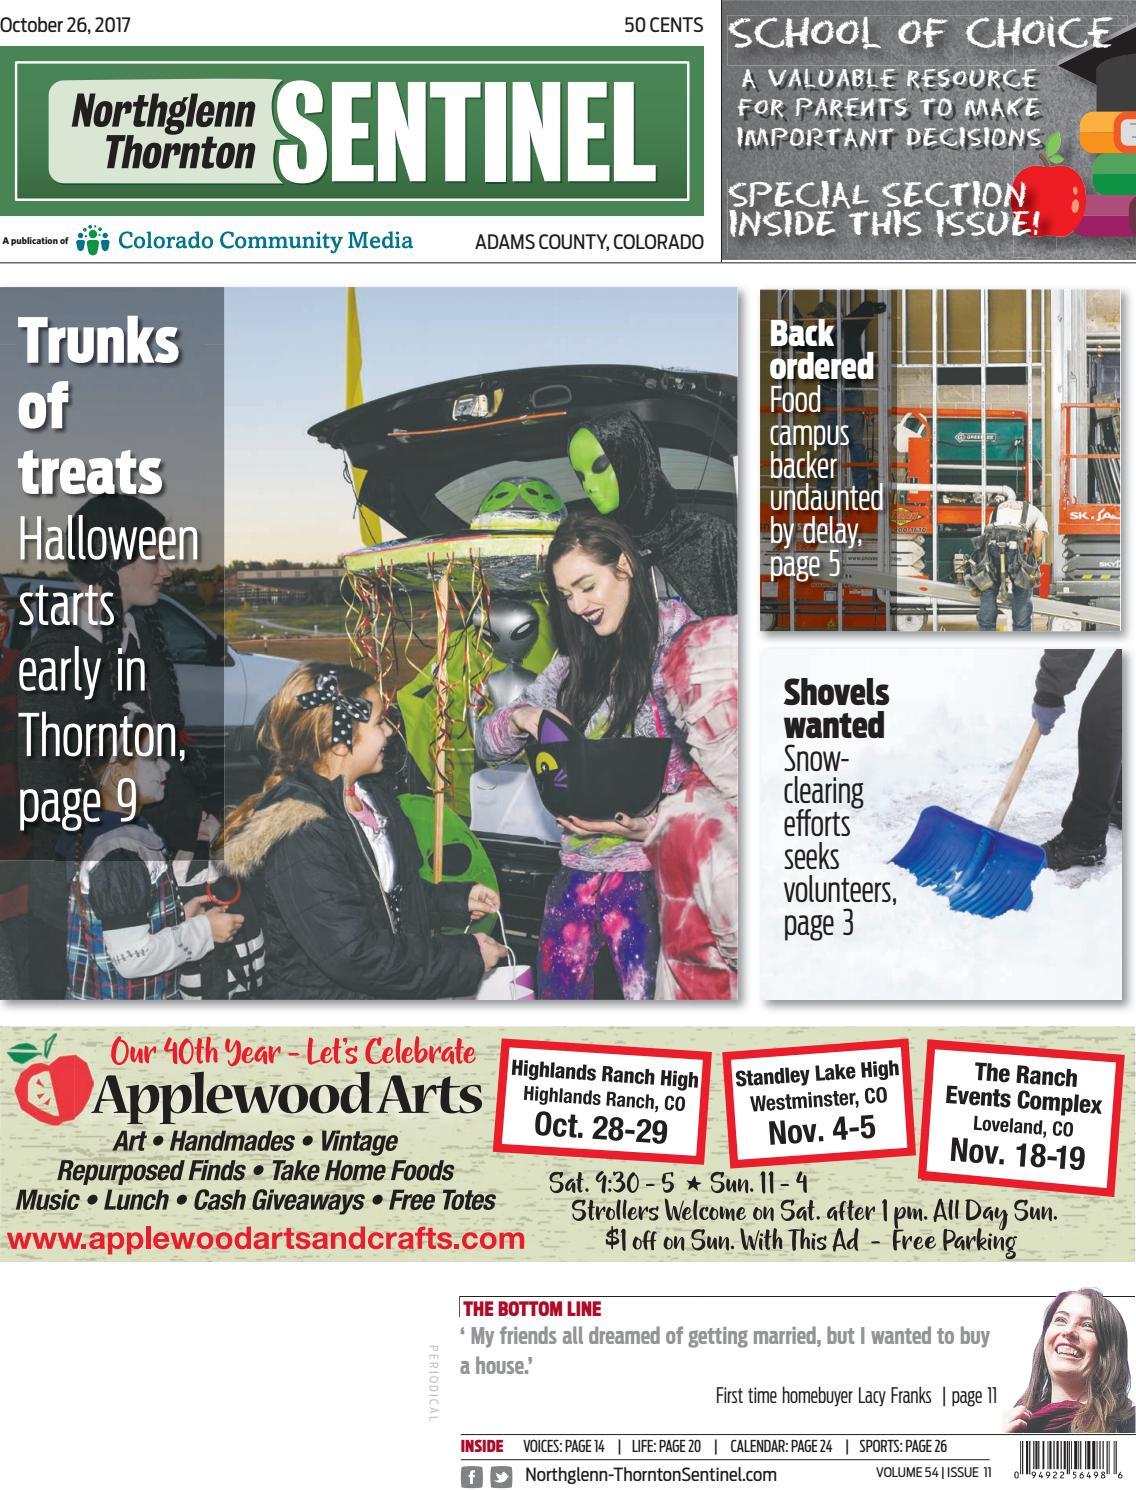 afda86cf5b Northglenn Thornton Sentinel 1026 by Colorado Community Media - issuu